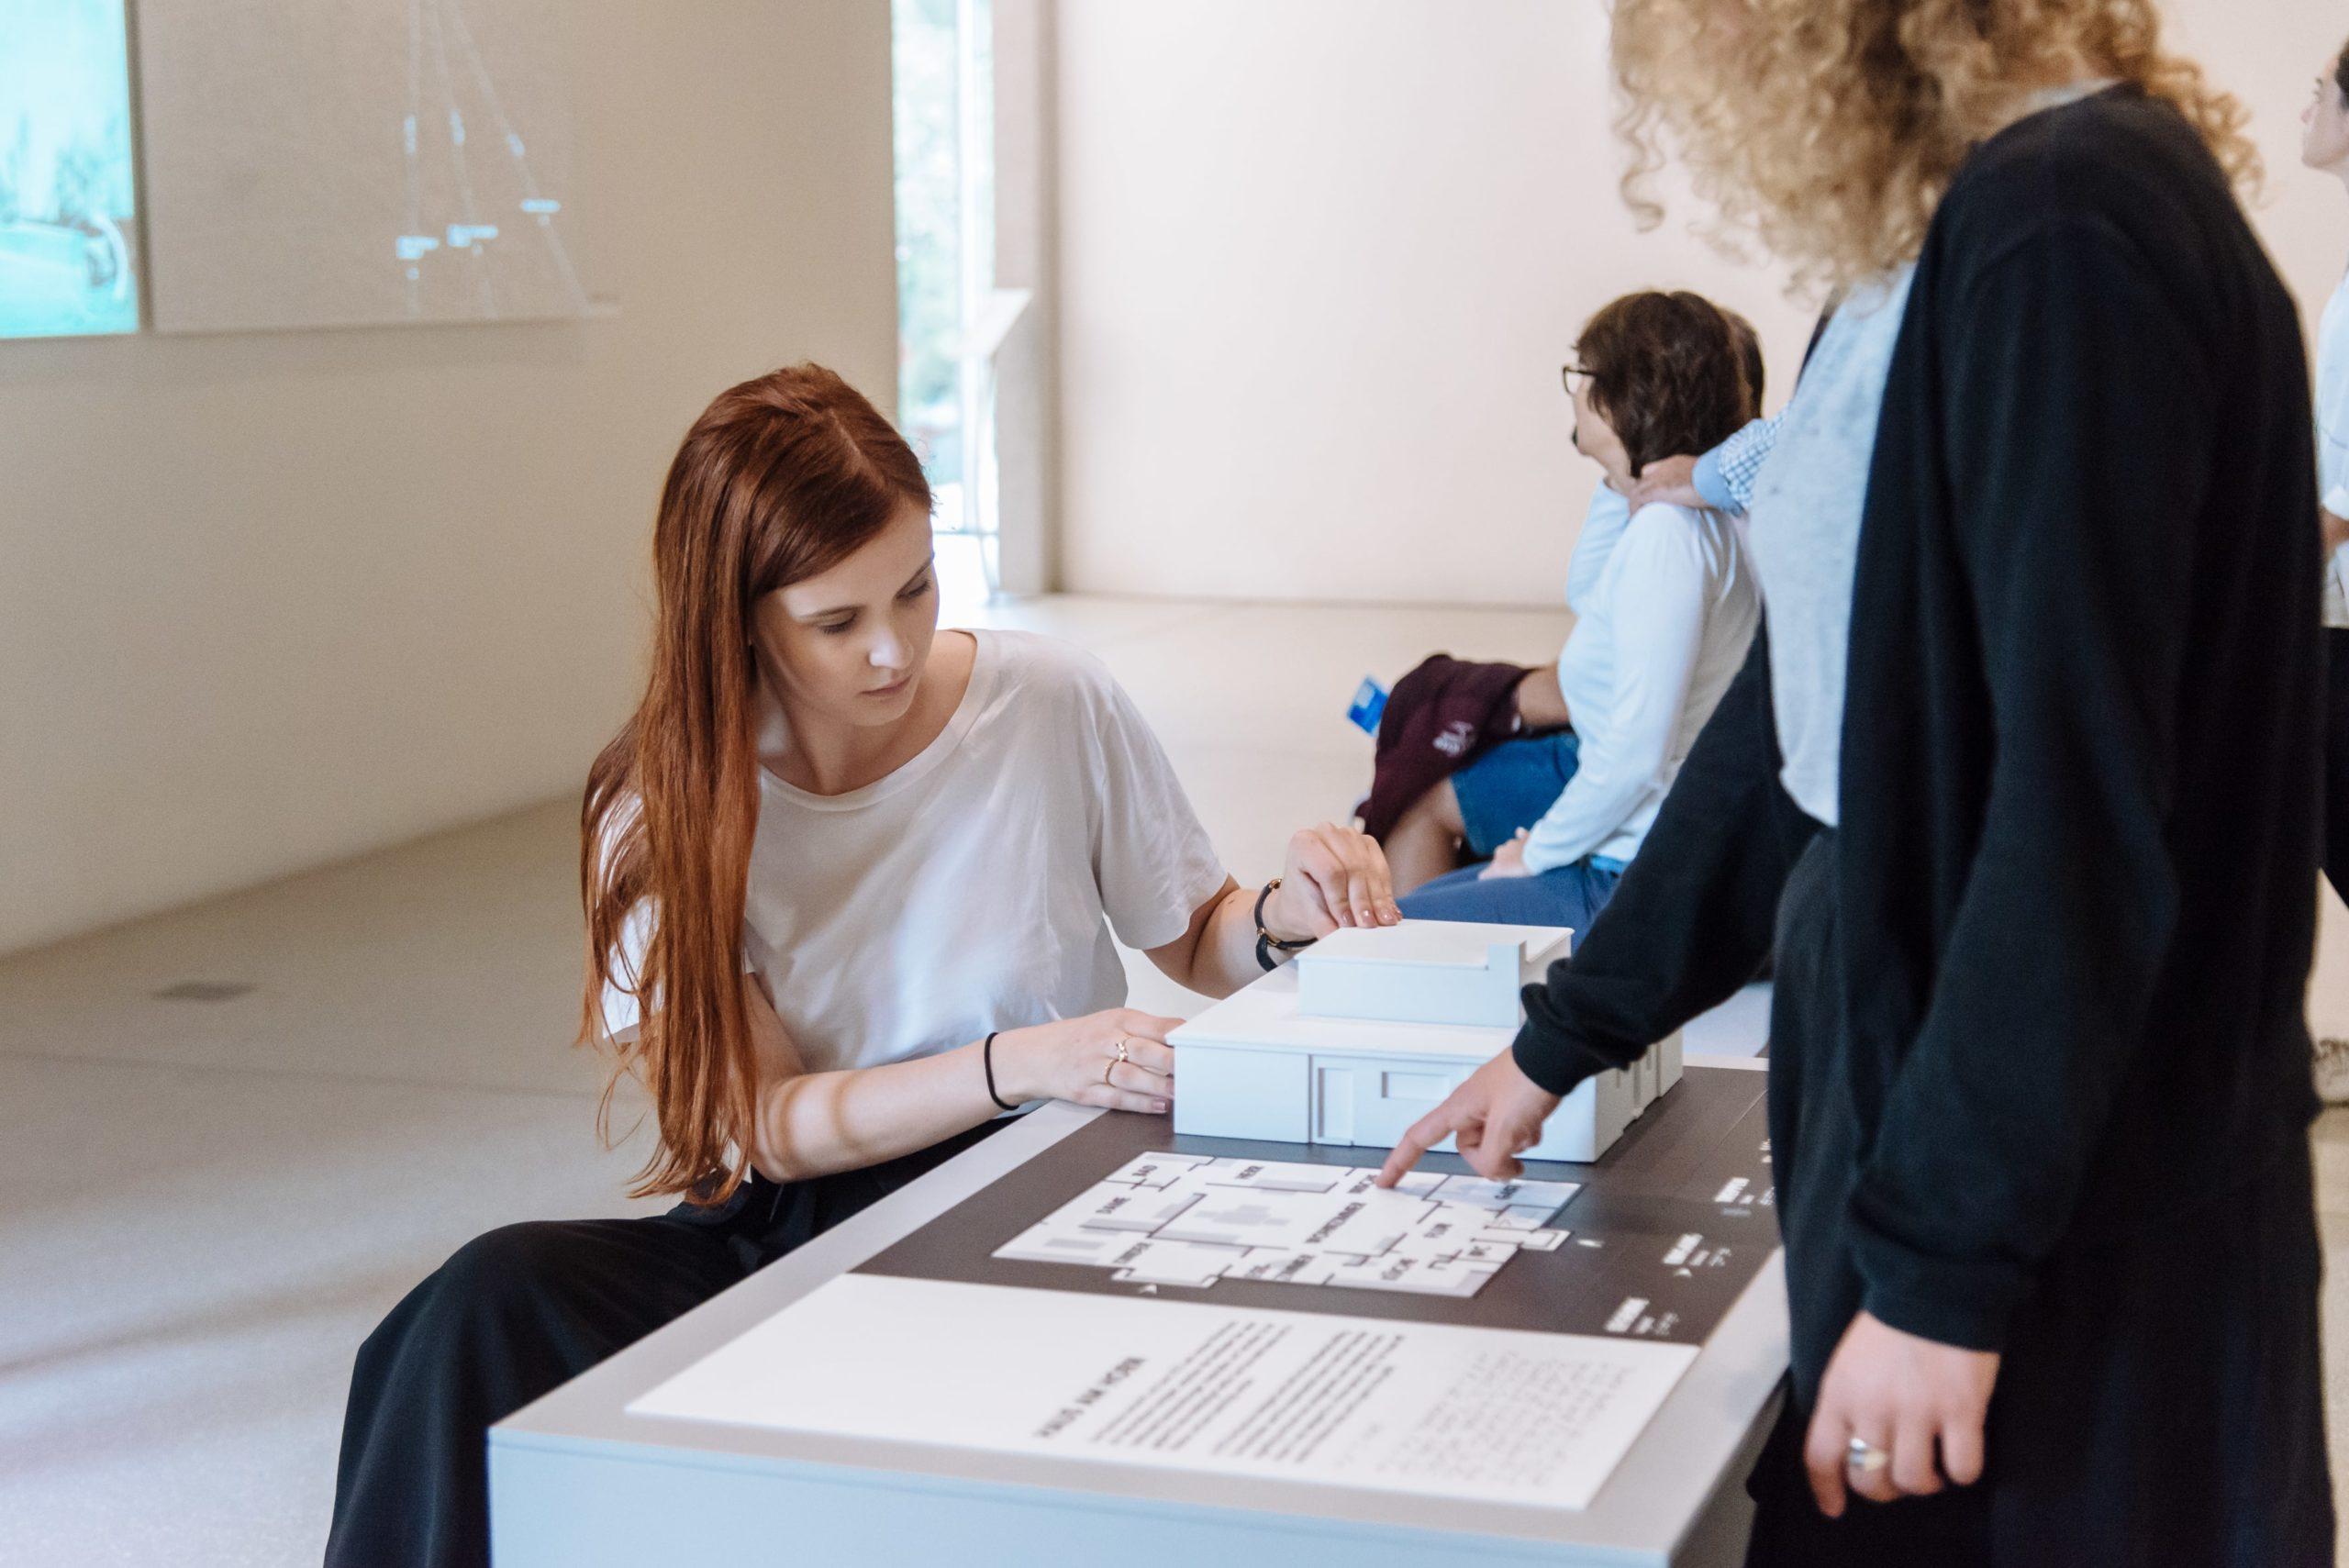 Plädoyer für Inklusion im Museum nach COVID-19